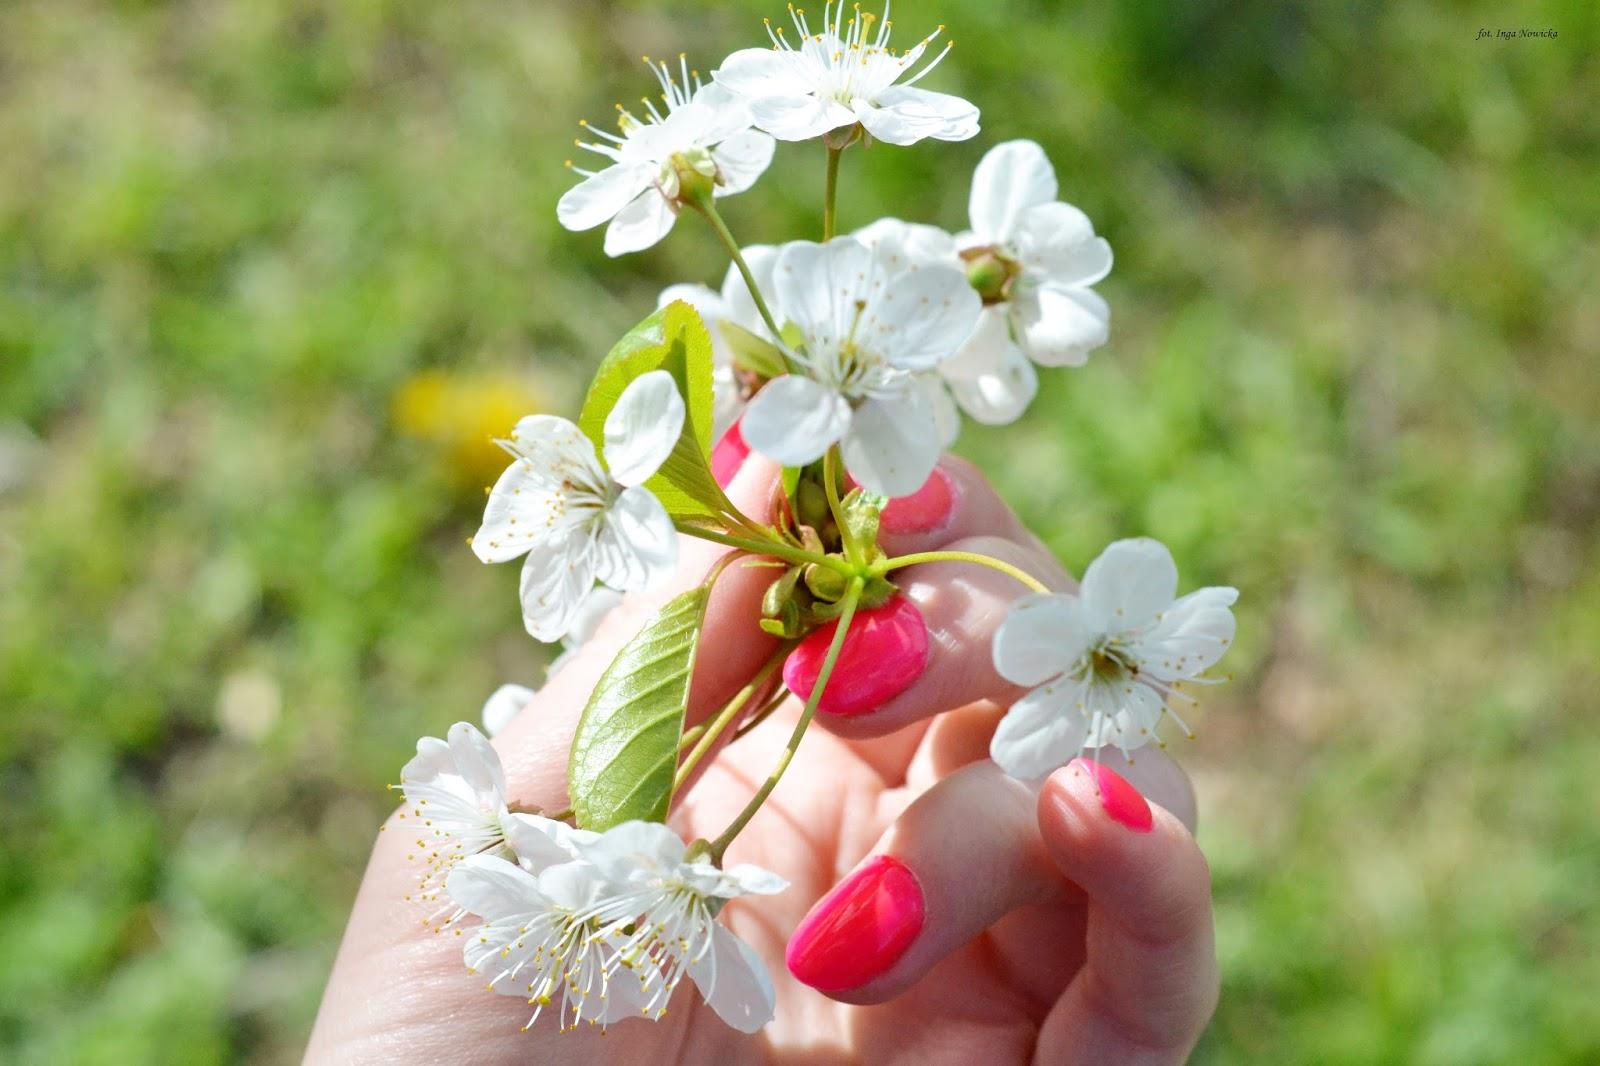 jakie paznokcie na wiosnę?